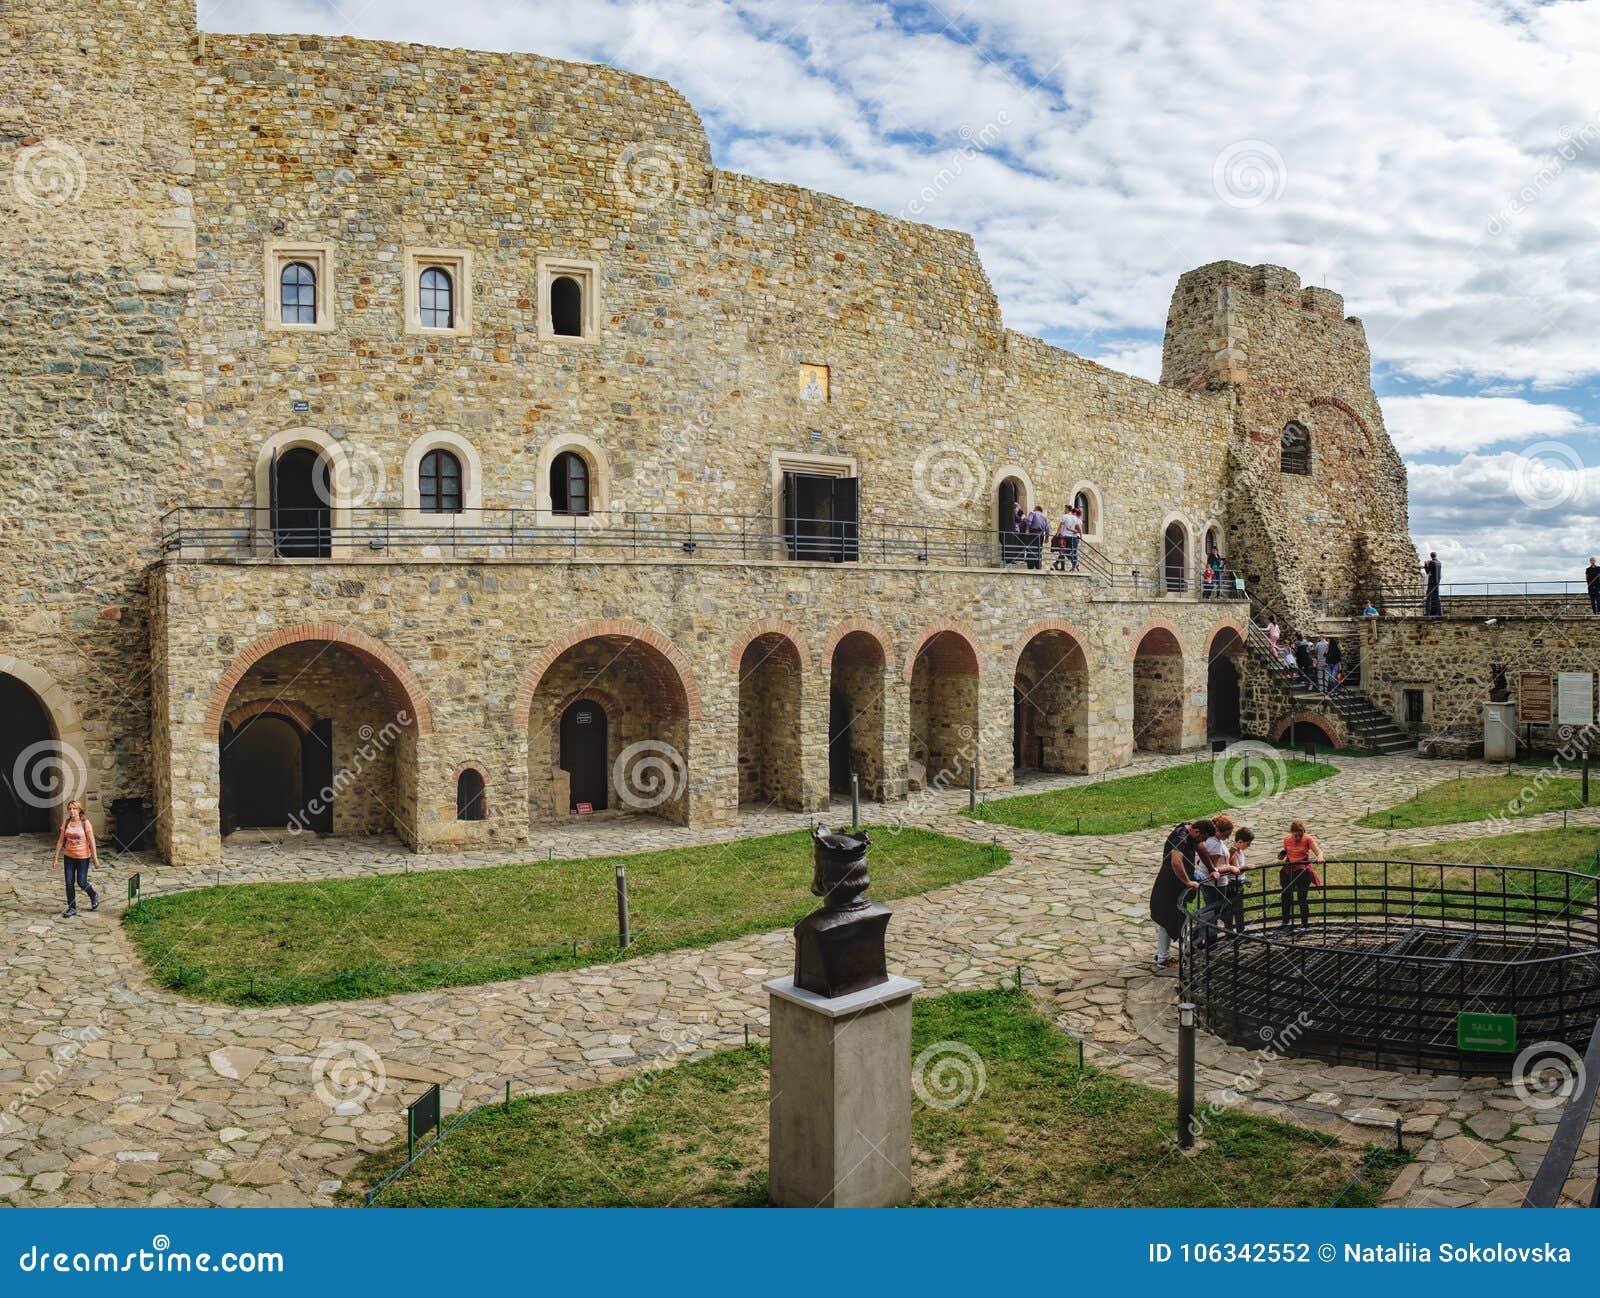 Cour intérieure de citadelle médiévale de Neamt, Roumanie